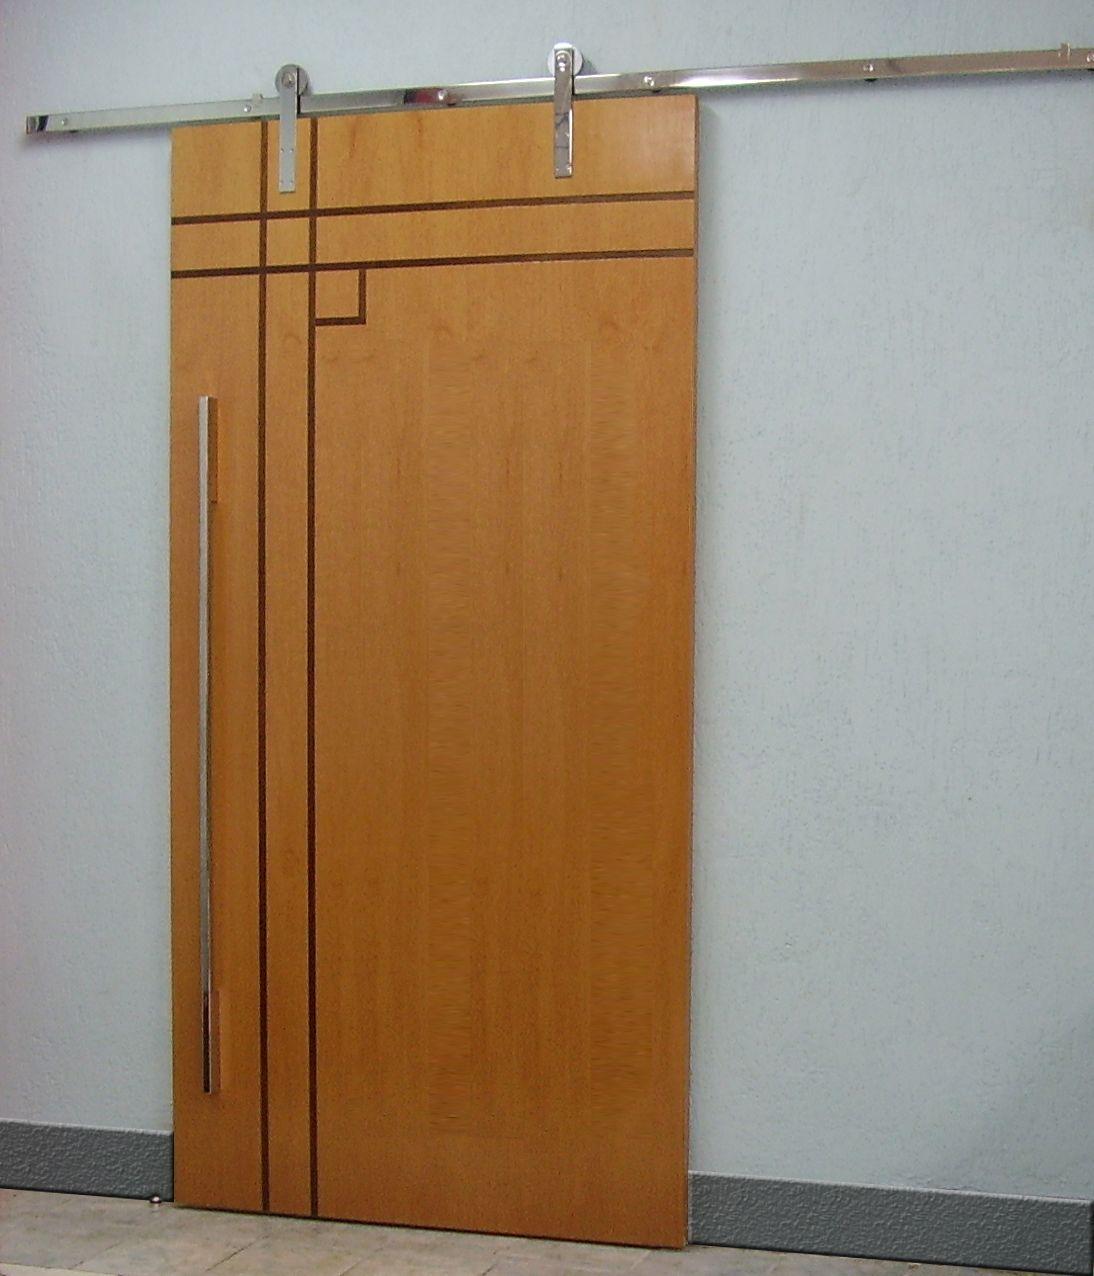 porta lisa friso roldana aparente reforma decoração de portas